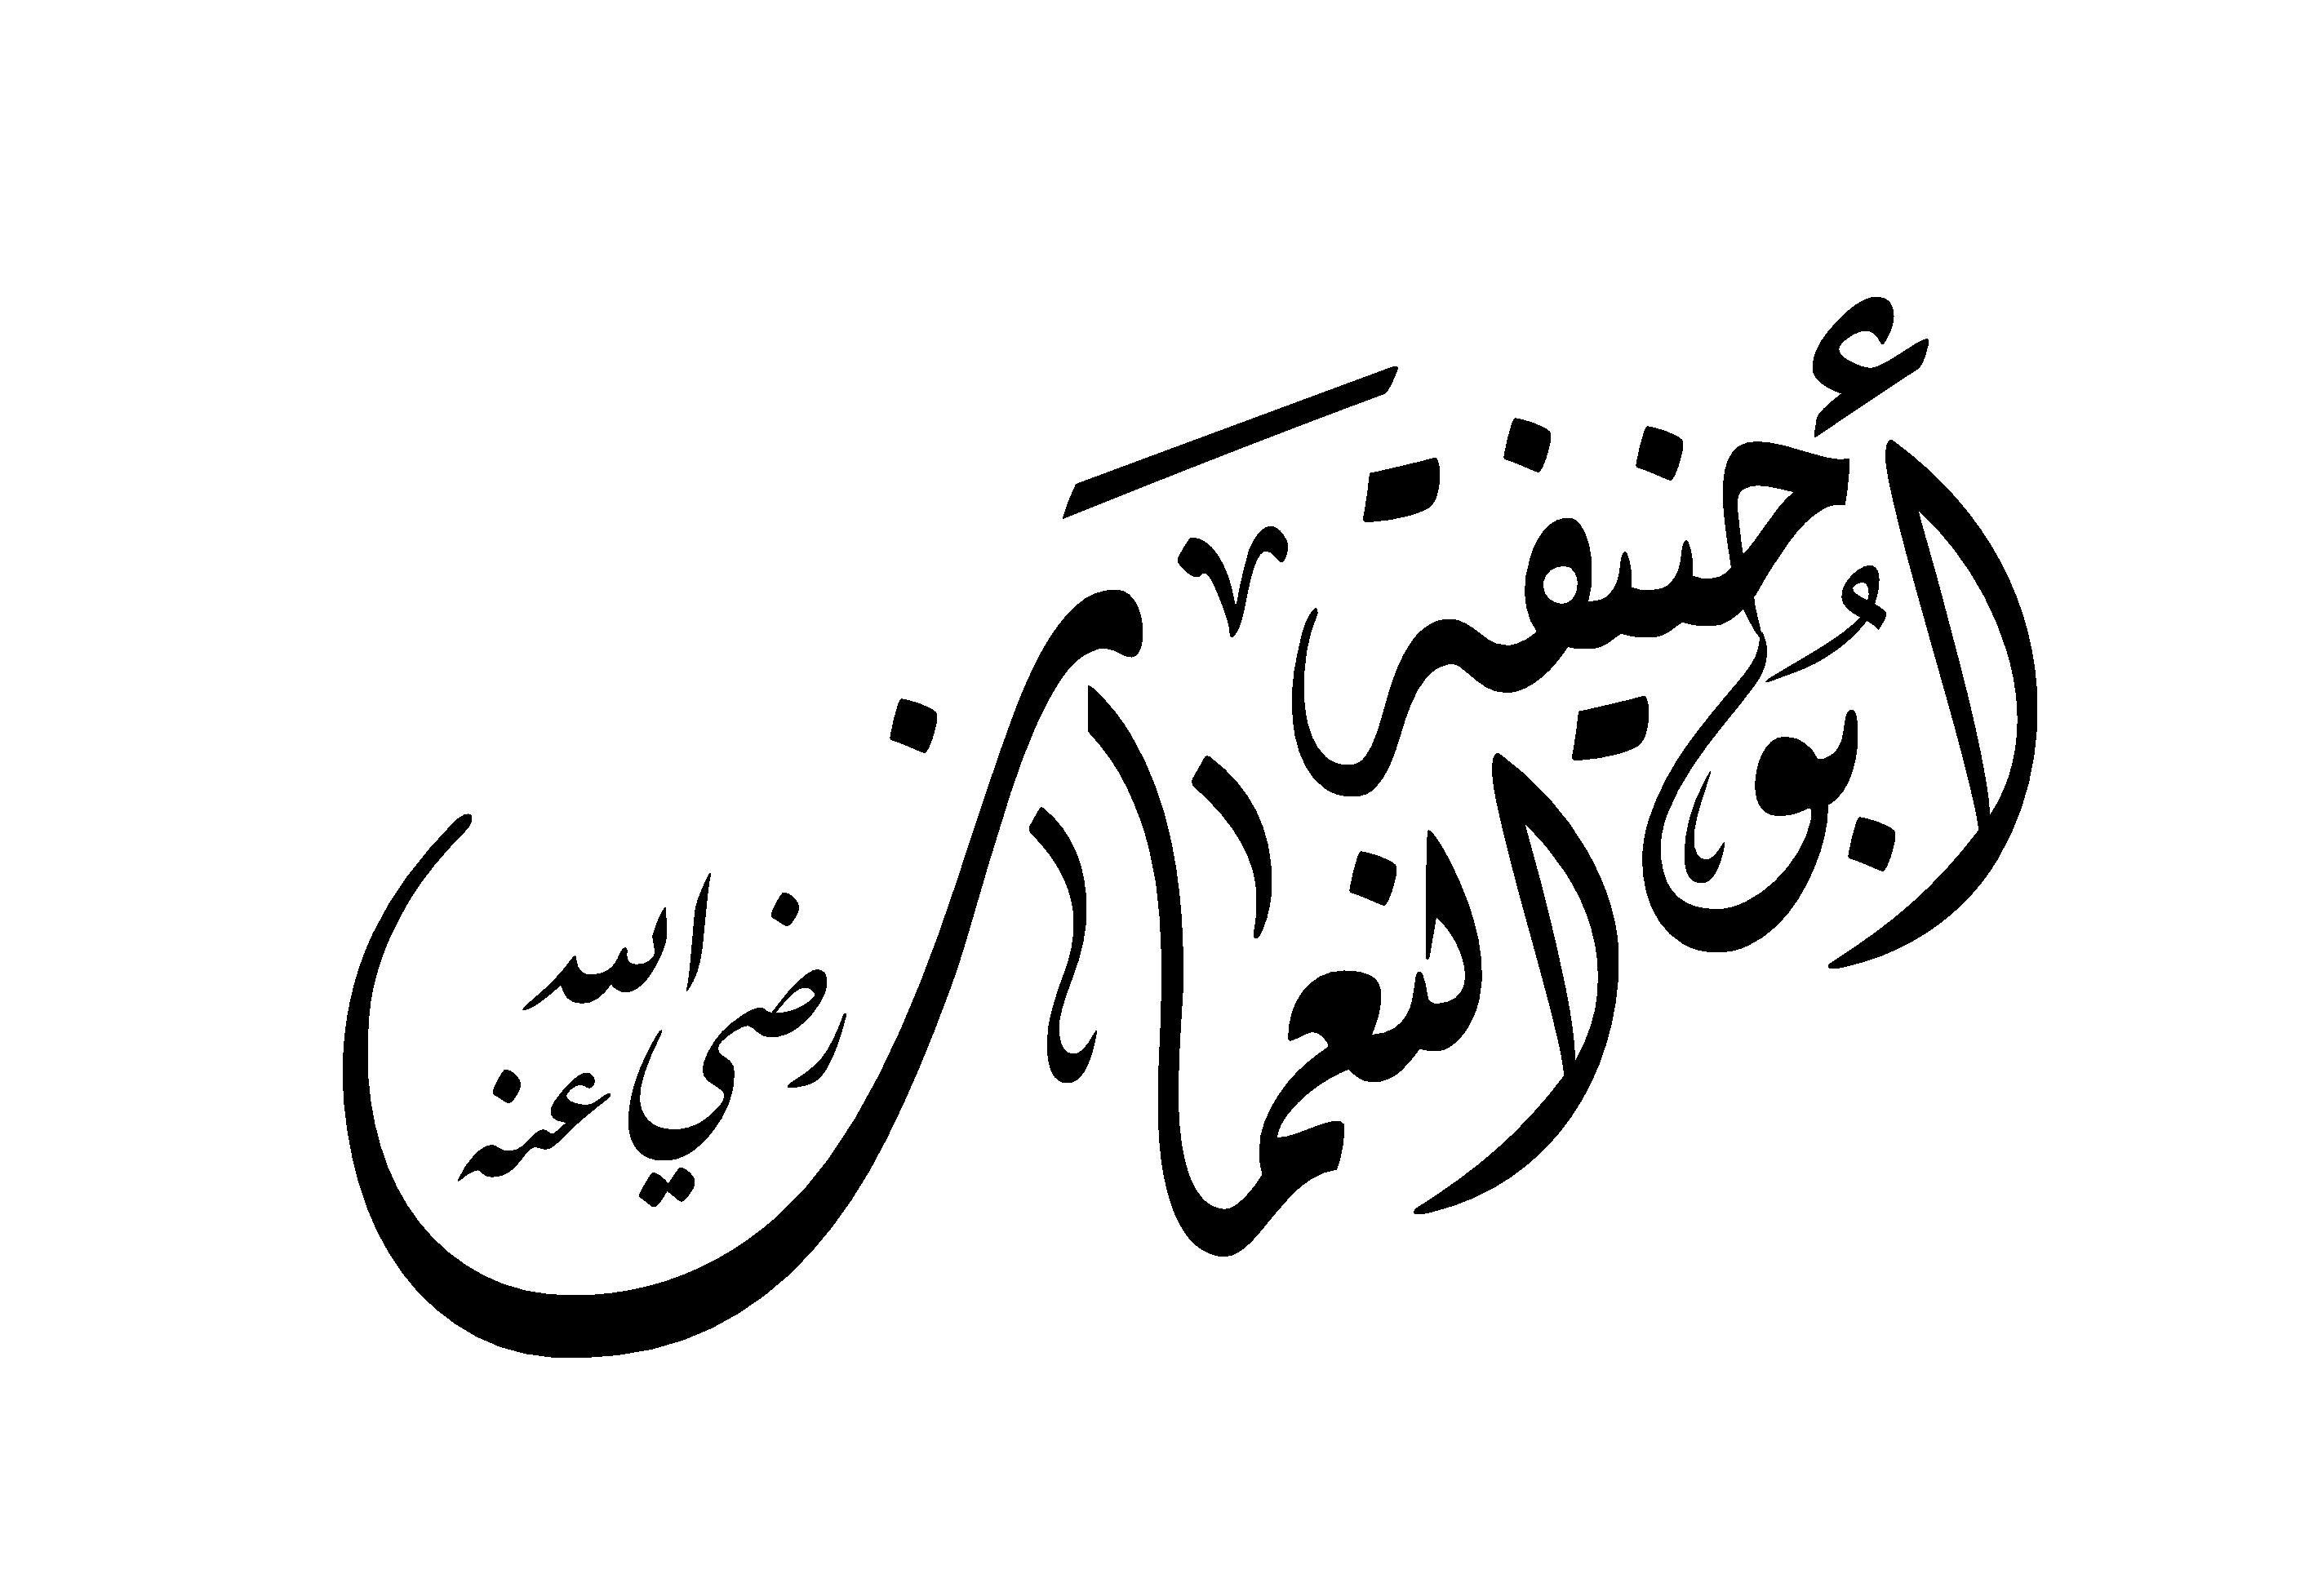 Имам Абу Ханифа.